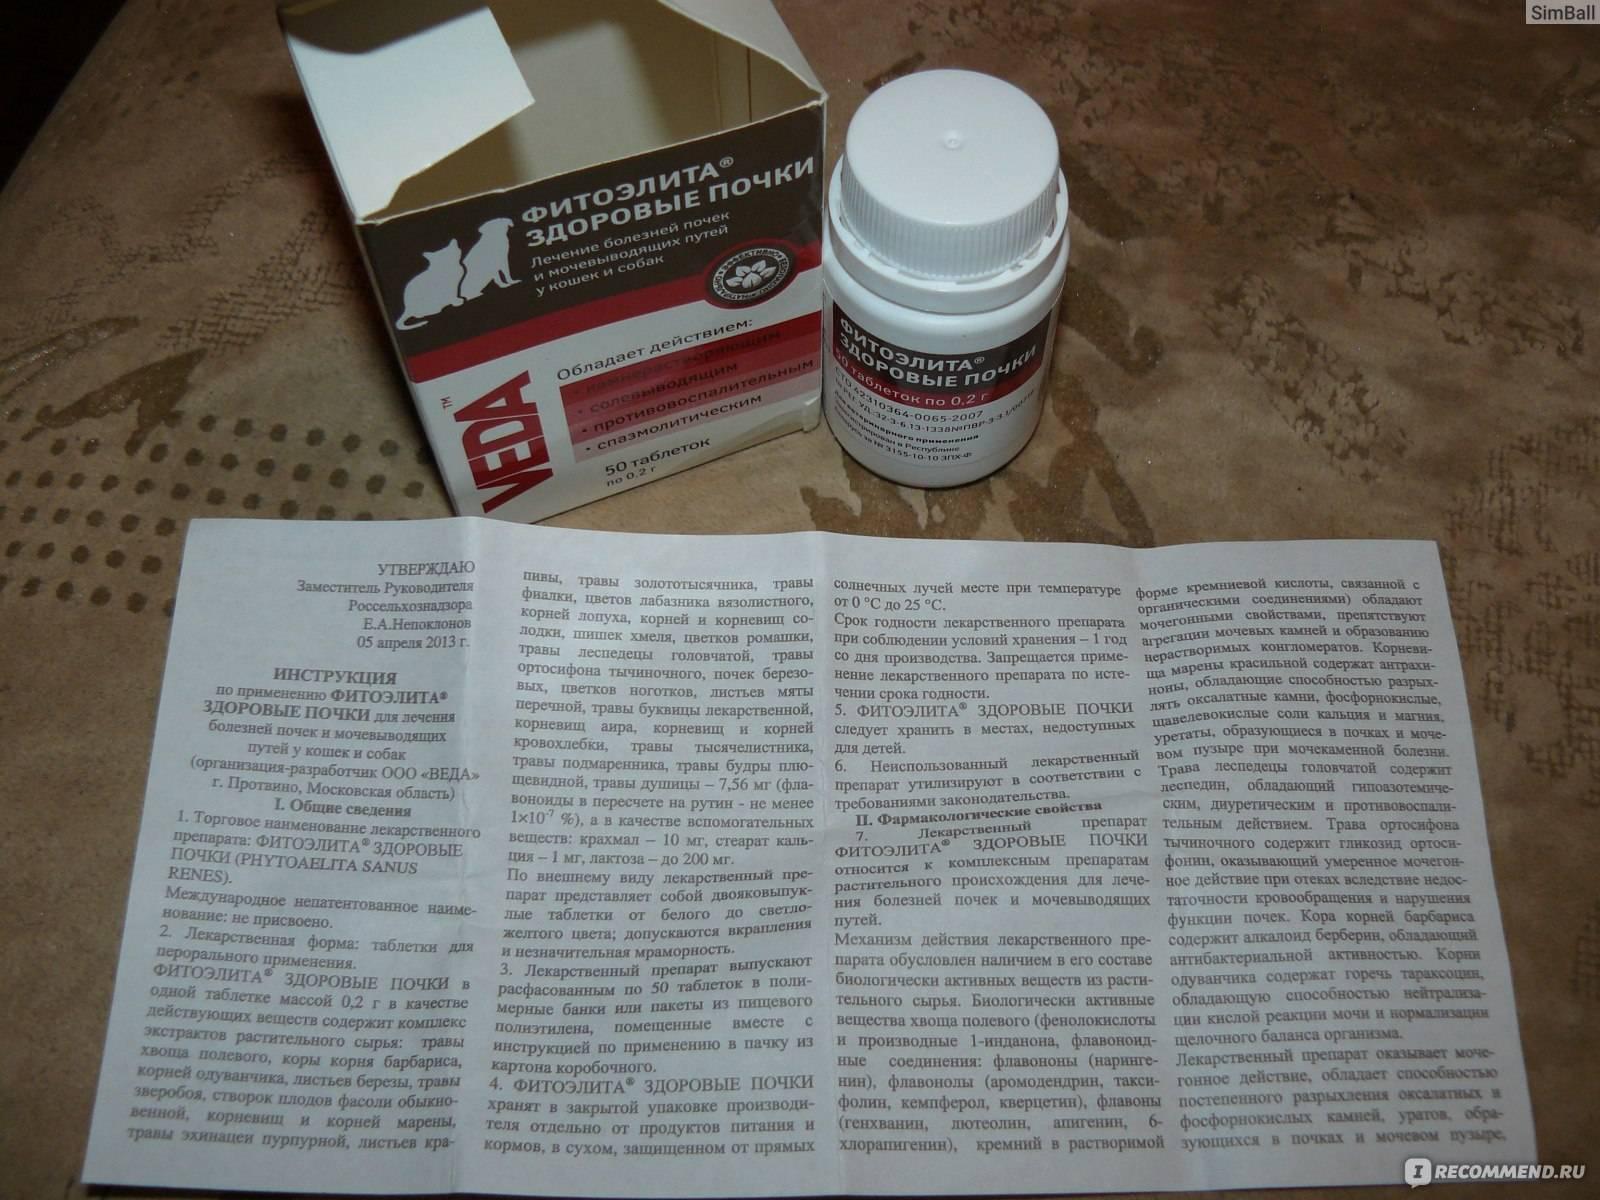 У кота букет заболеваний - у моего кота целый букет заболеваний. помогите  составить курс лечения вашими препаратами